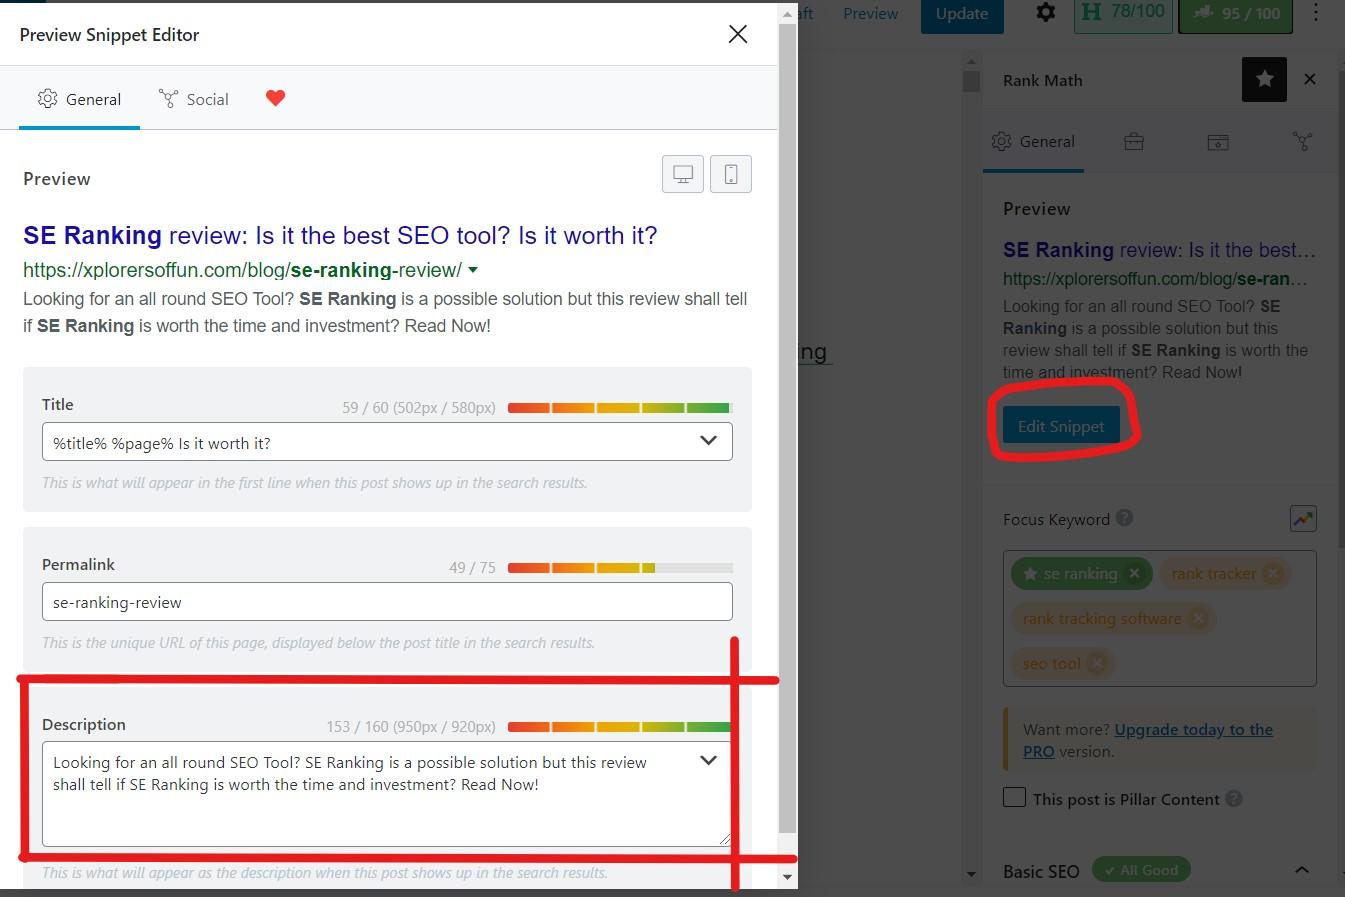 How to write meta description in Rank Math SEO in WordPress